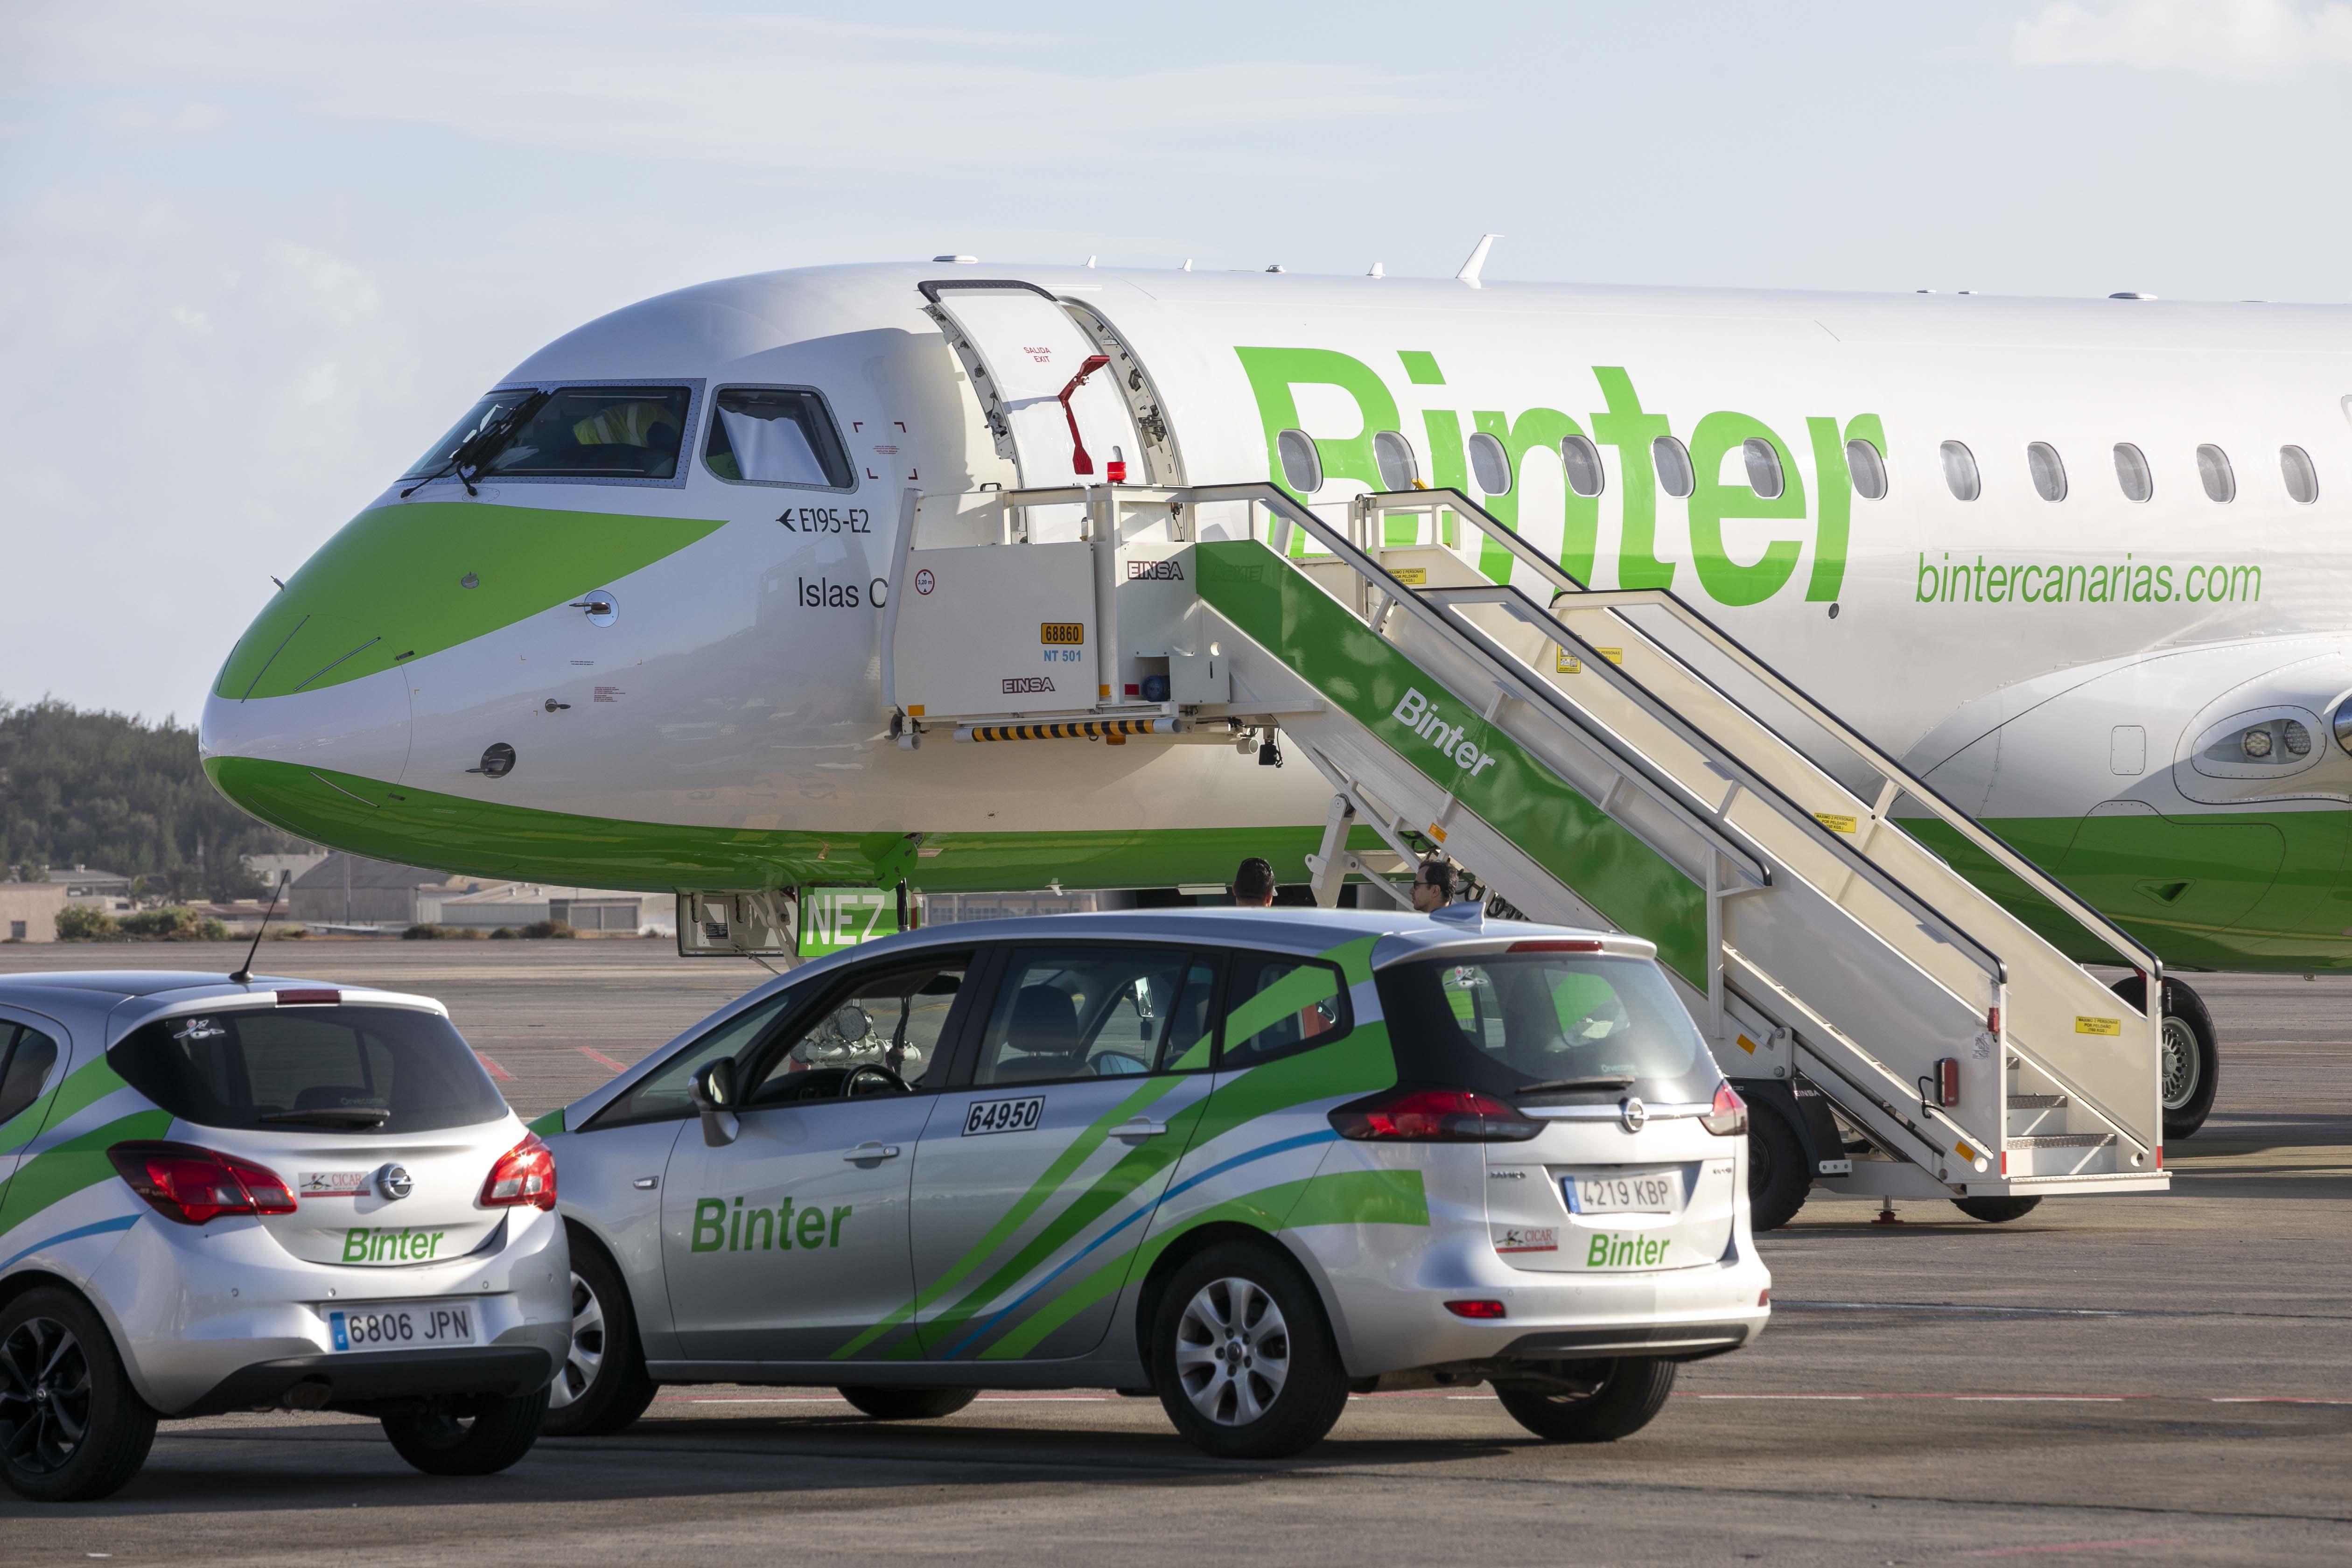 Binter comenzará a volar a Vitoria a partir de abril